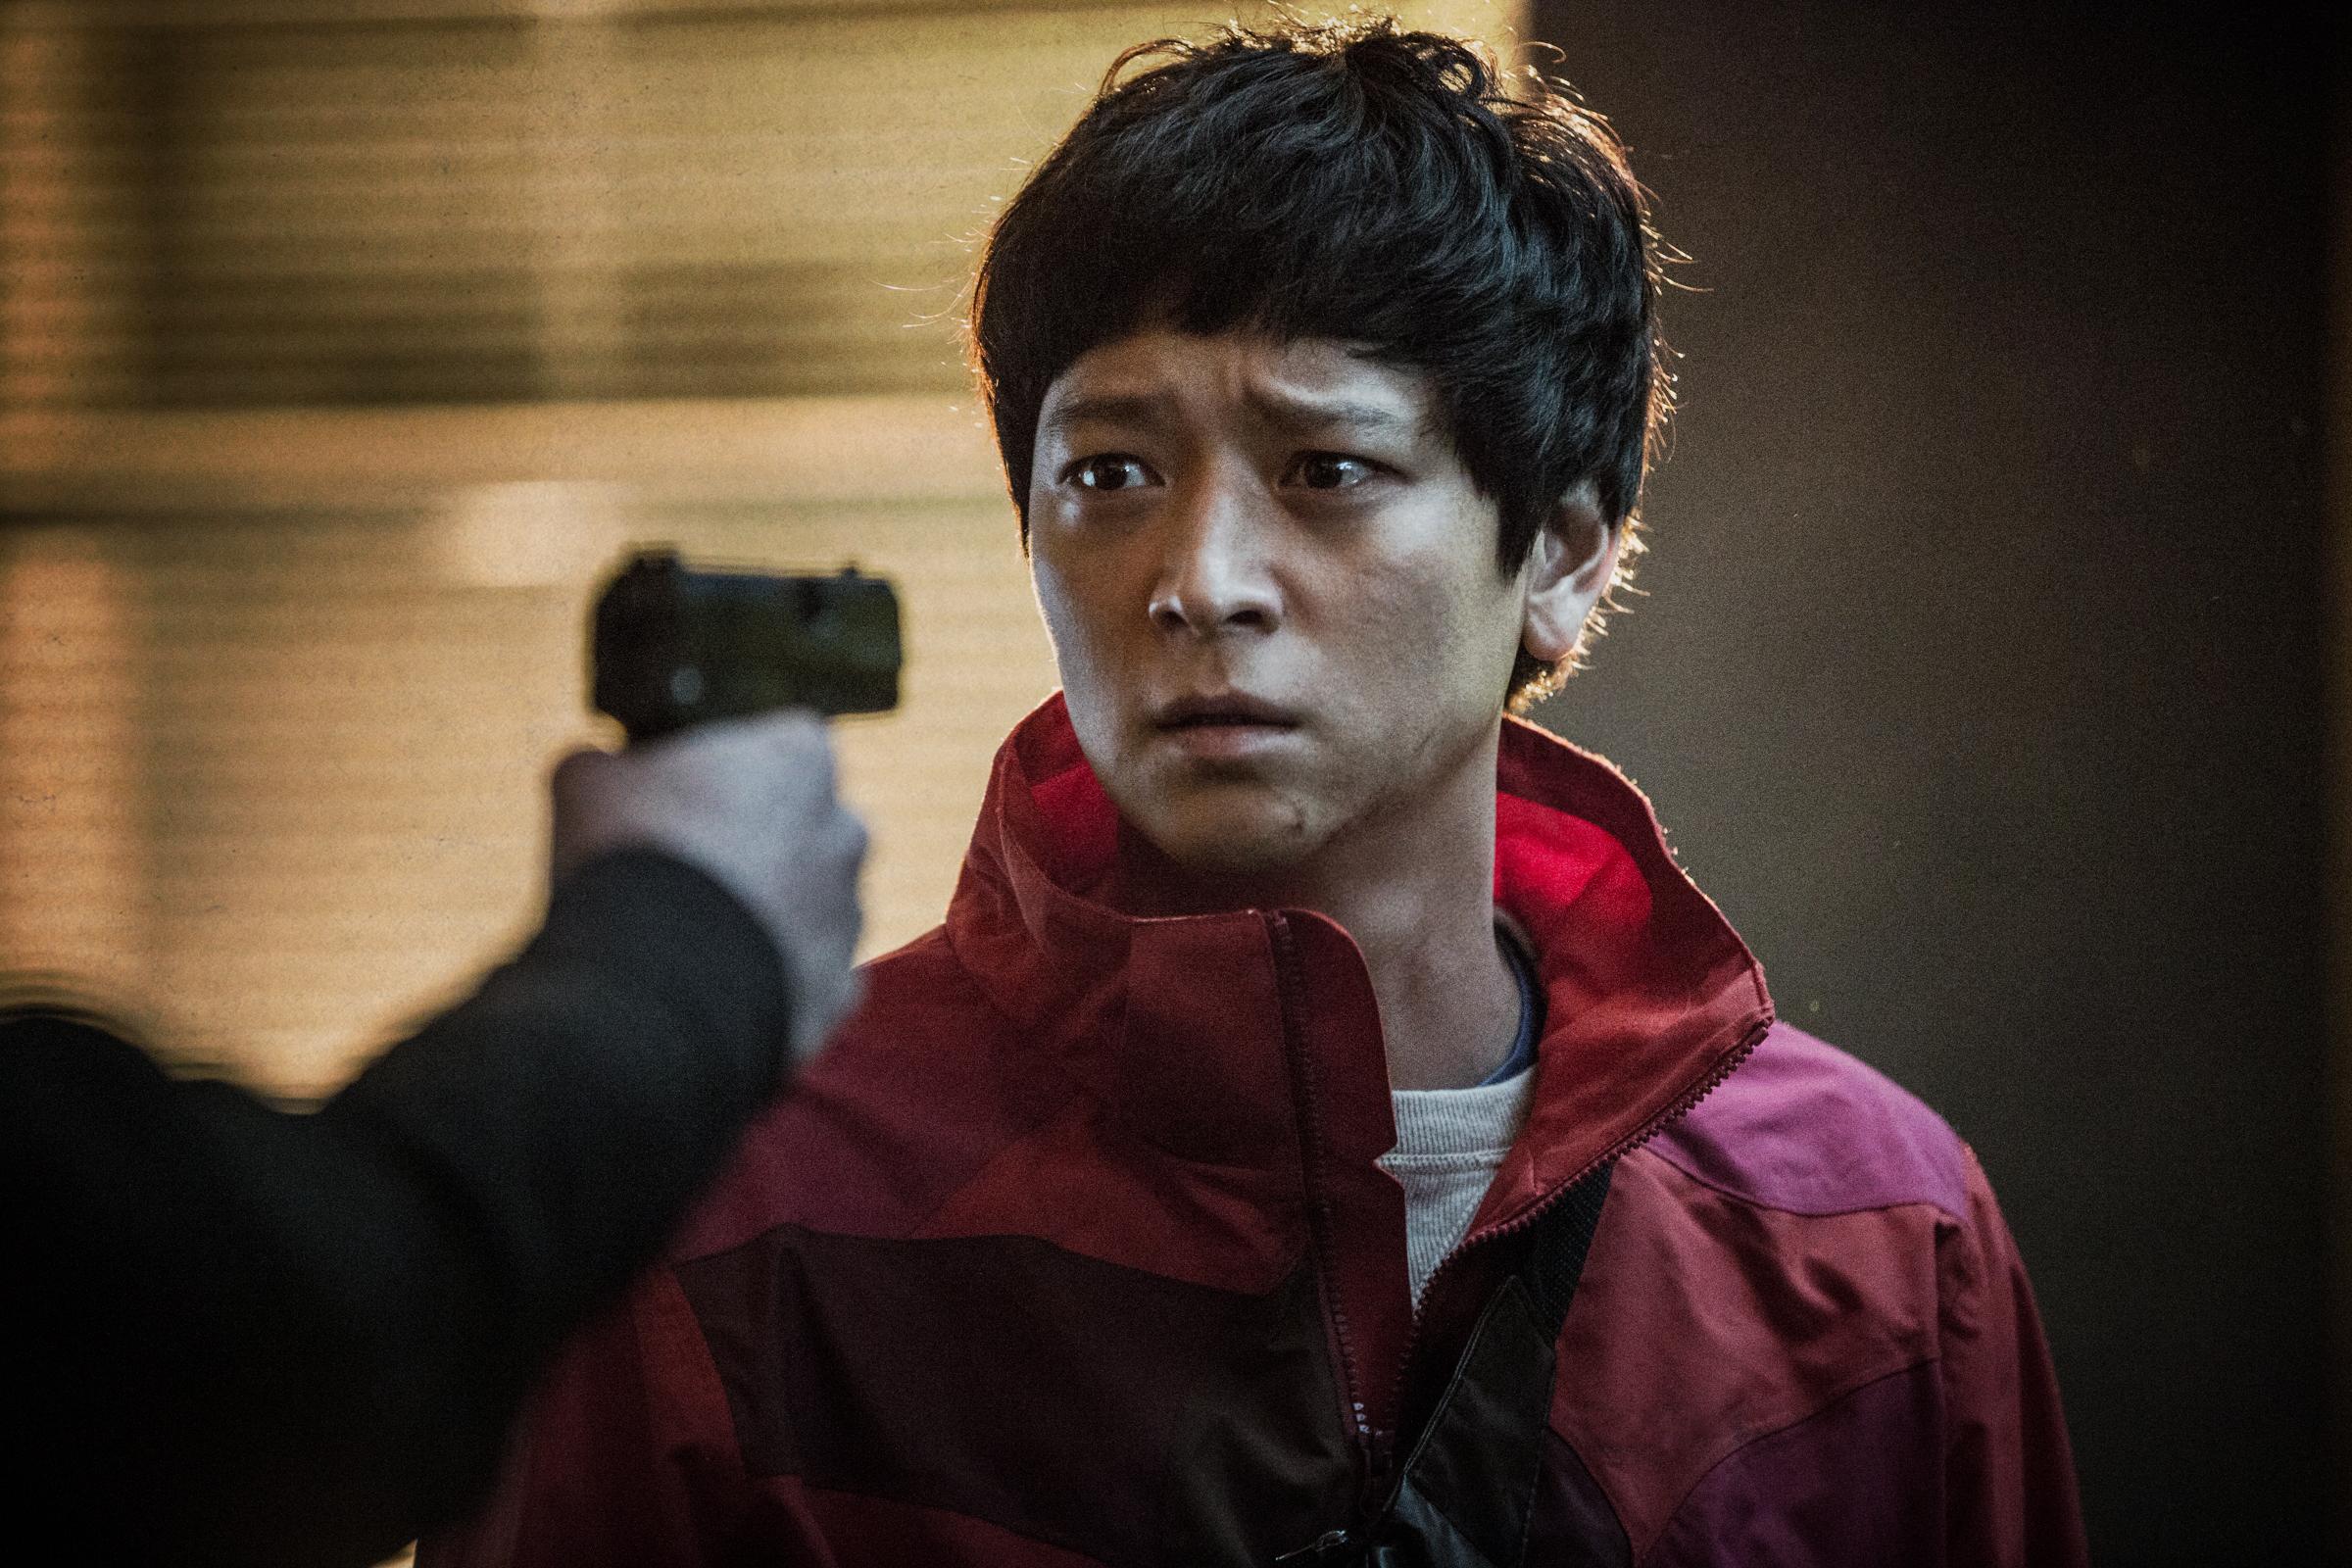 <골든슬럼버> 강동원, 암살범으로 지목된 택배기사가 되다!